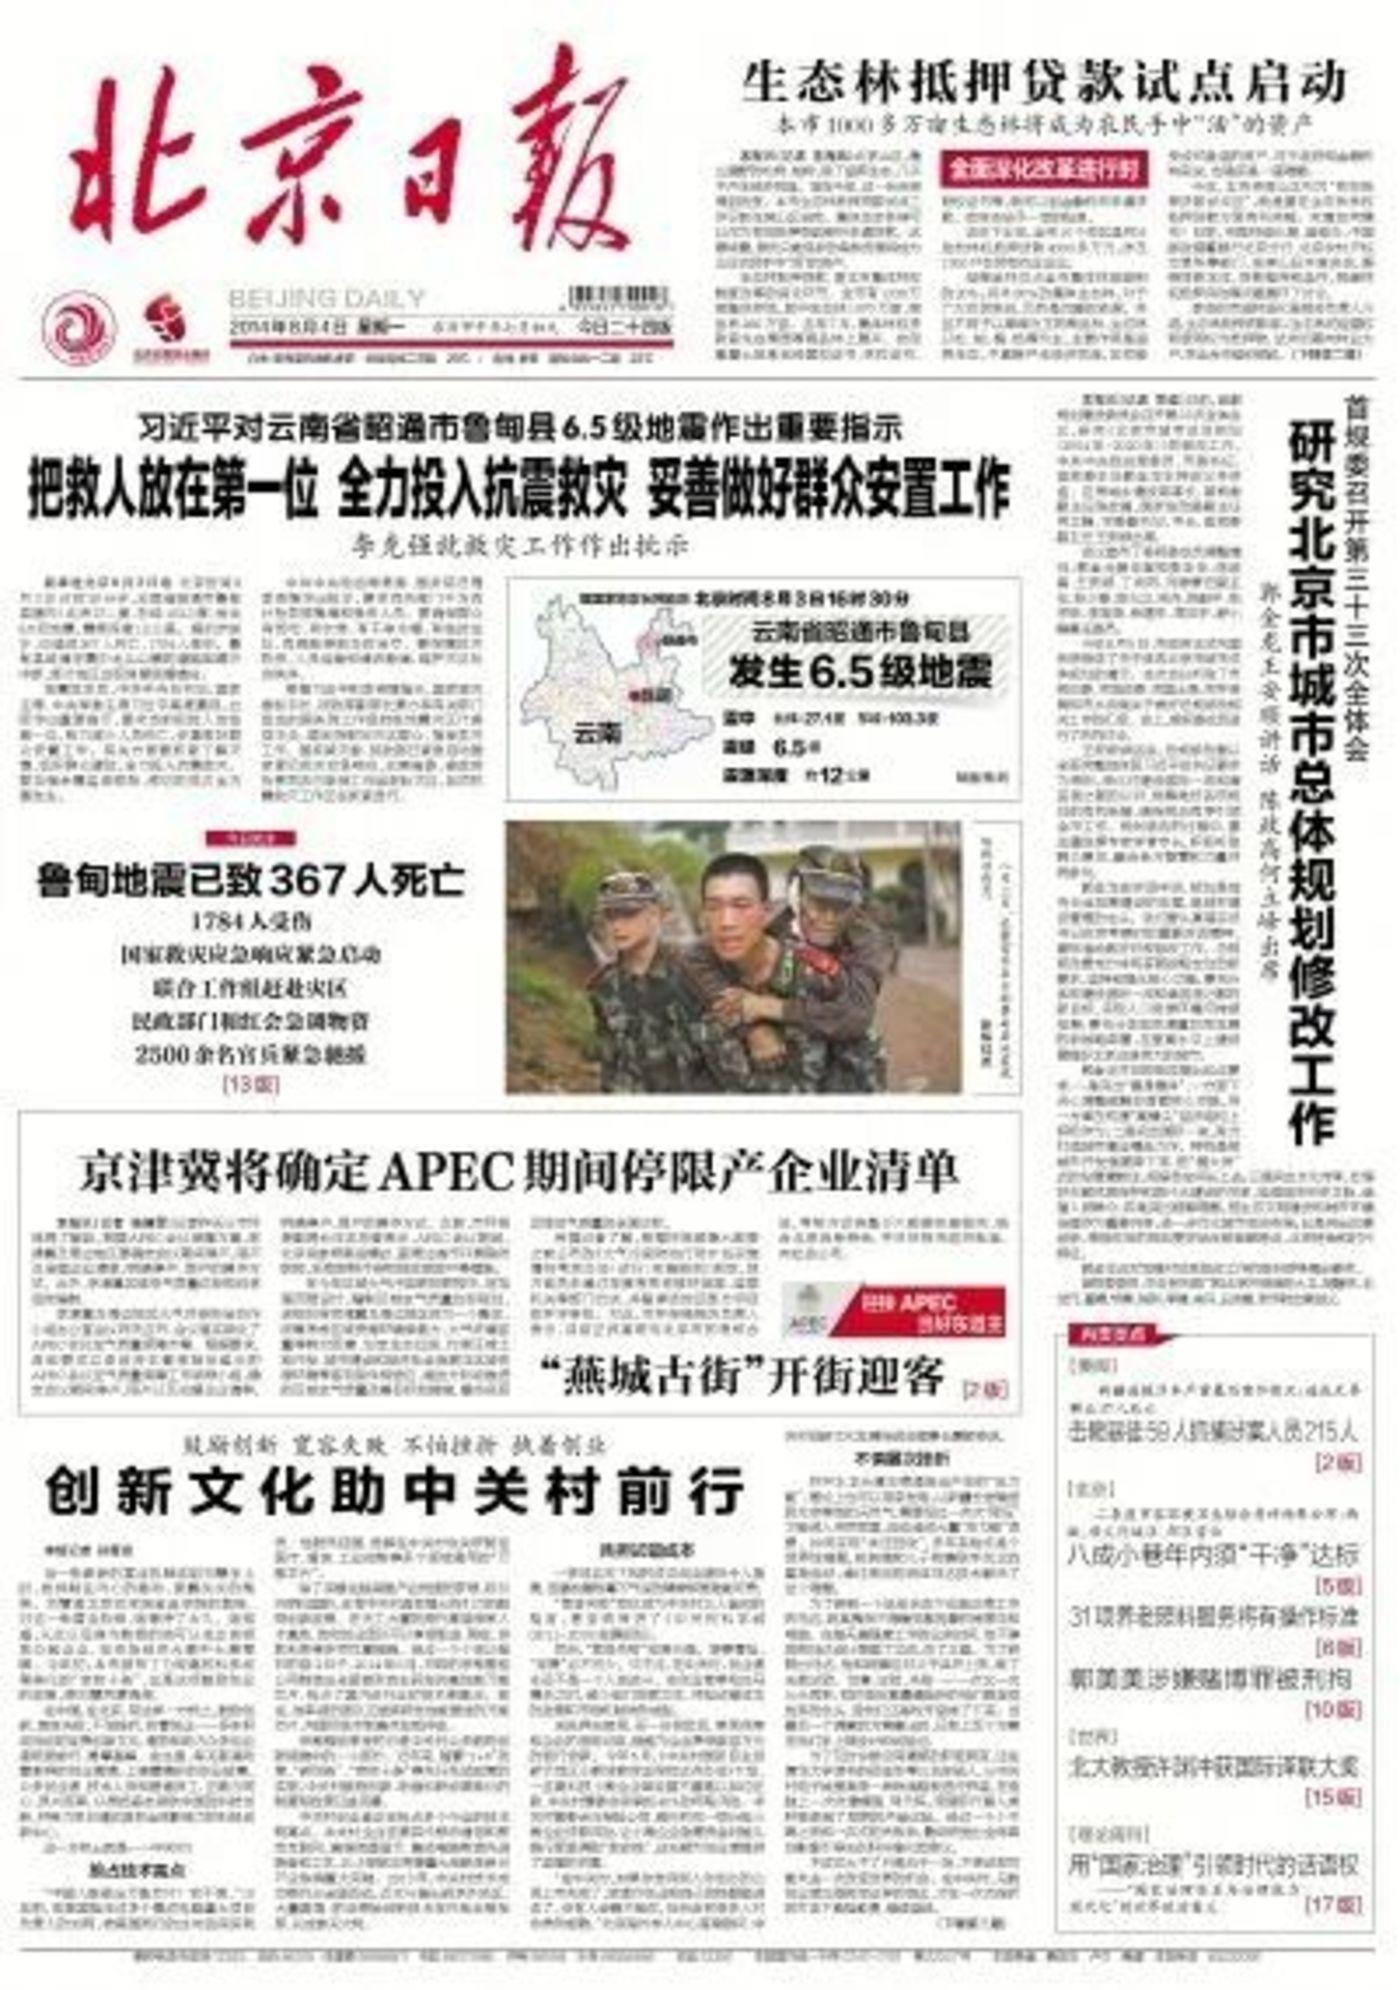 (《北京日报》某版报纸)